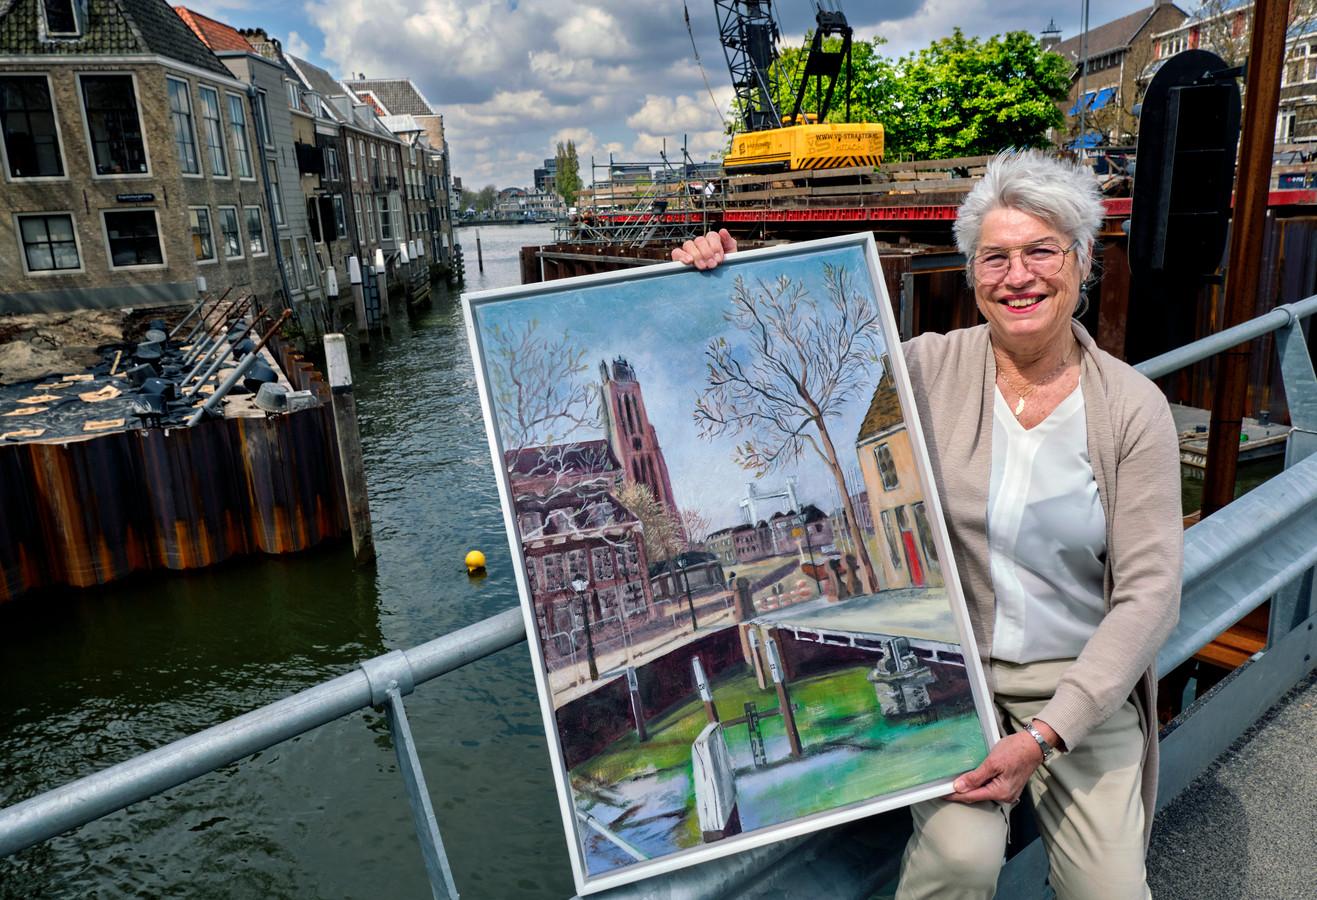 Bikkel de Haan met het schilderij dat ze gaat veilen, waar onder meer de Engelenburgerbrug op staat.